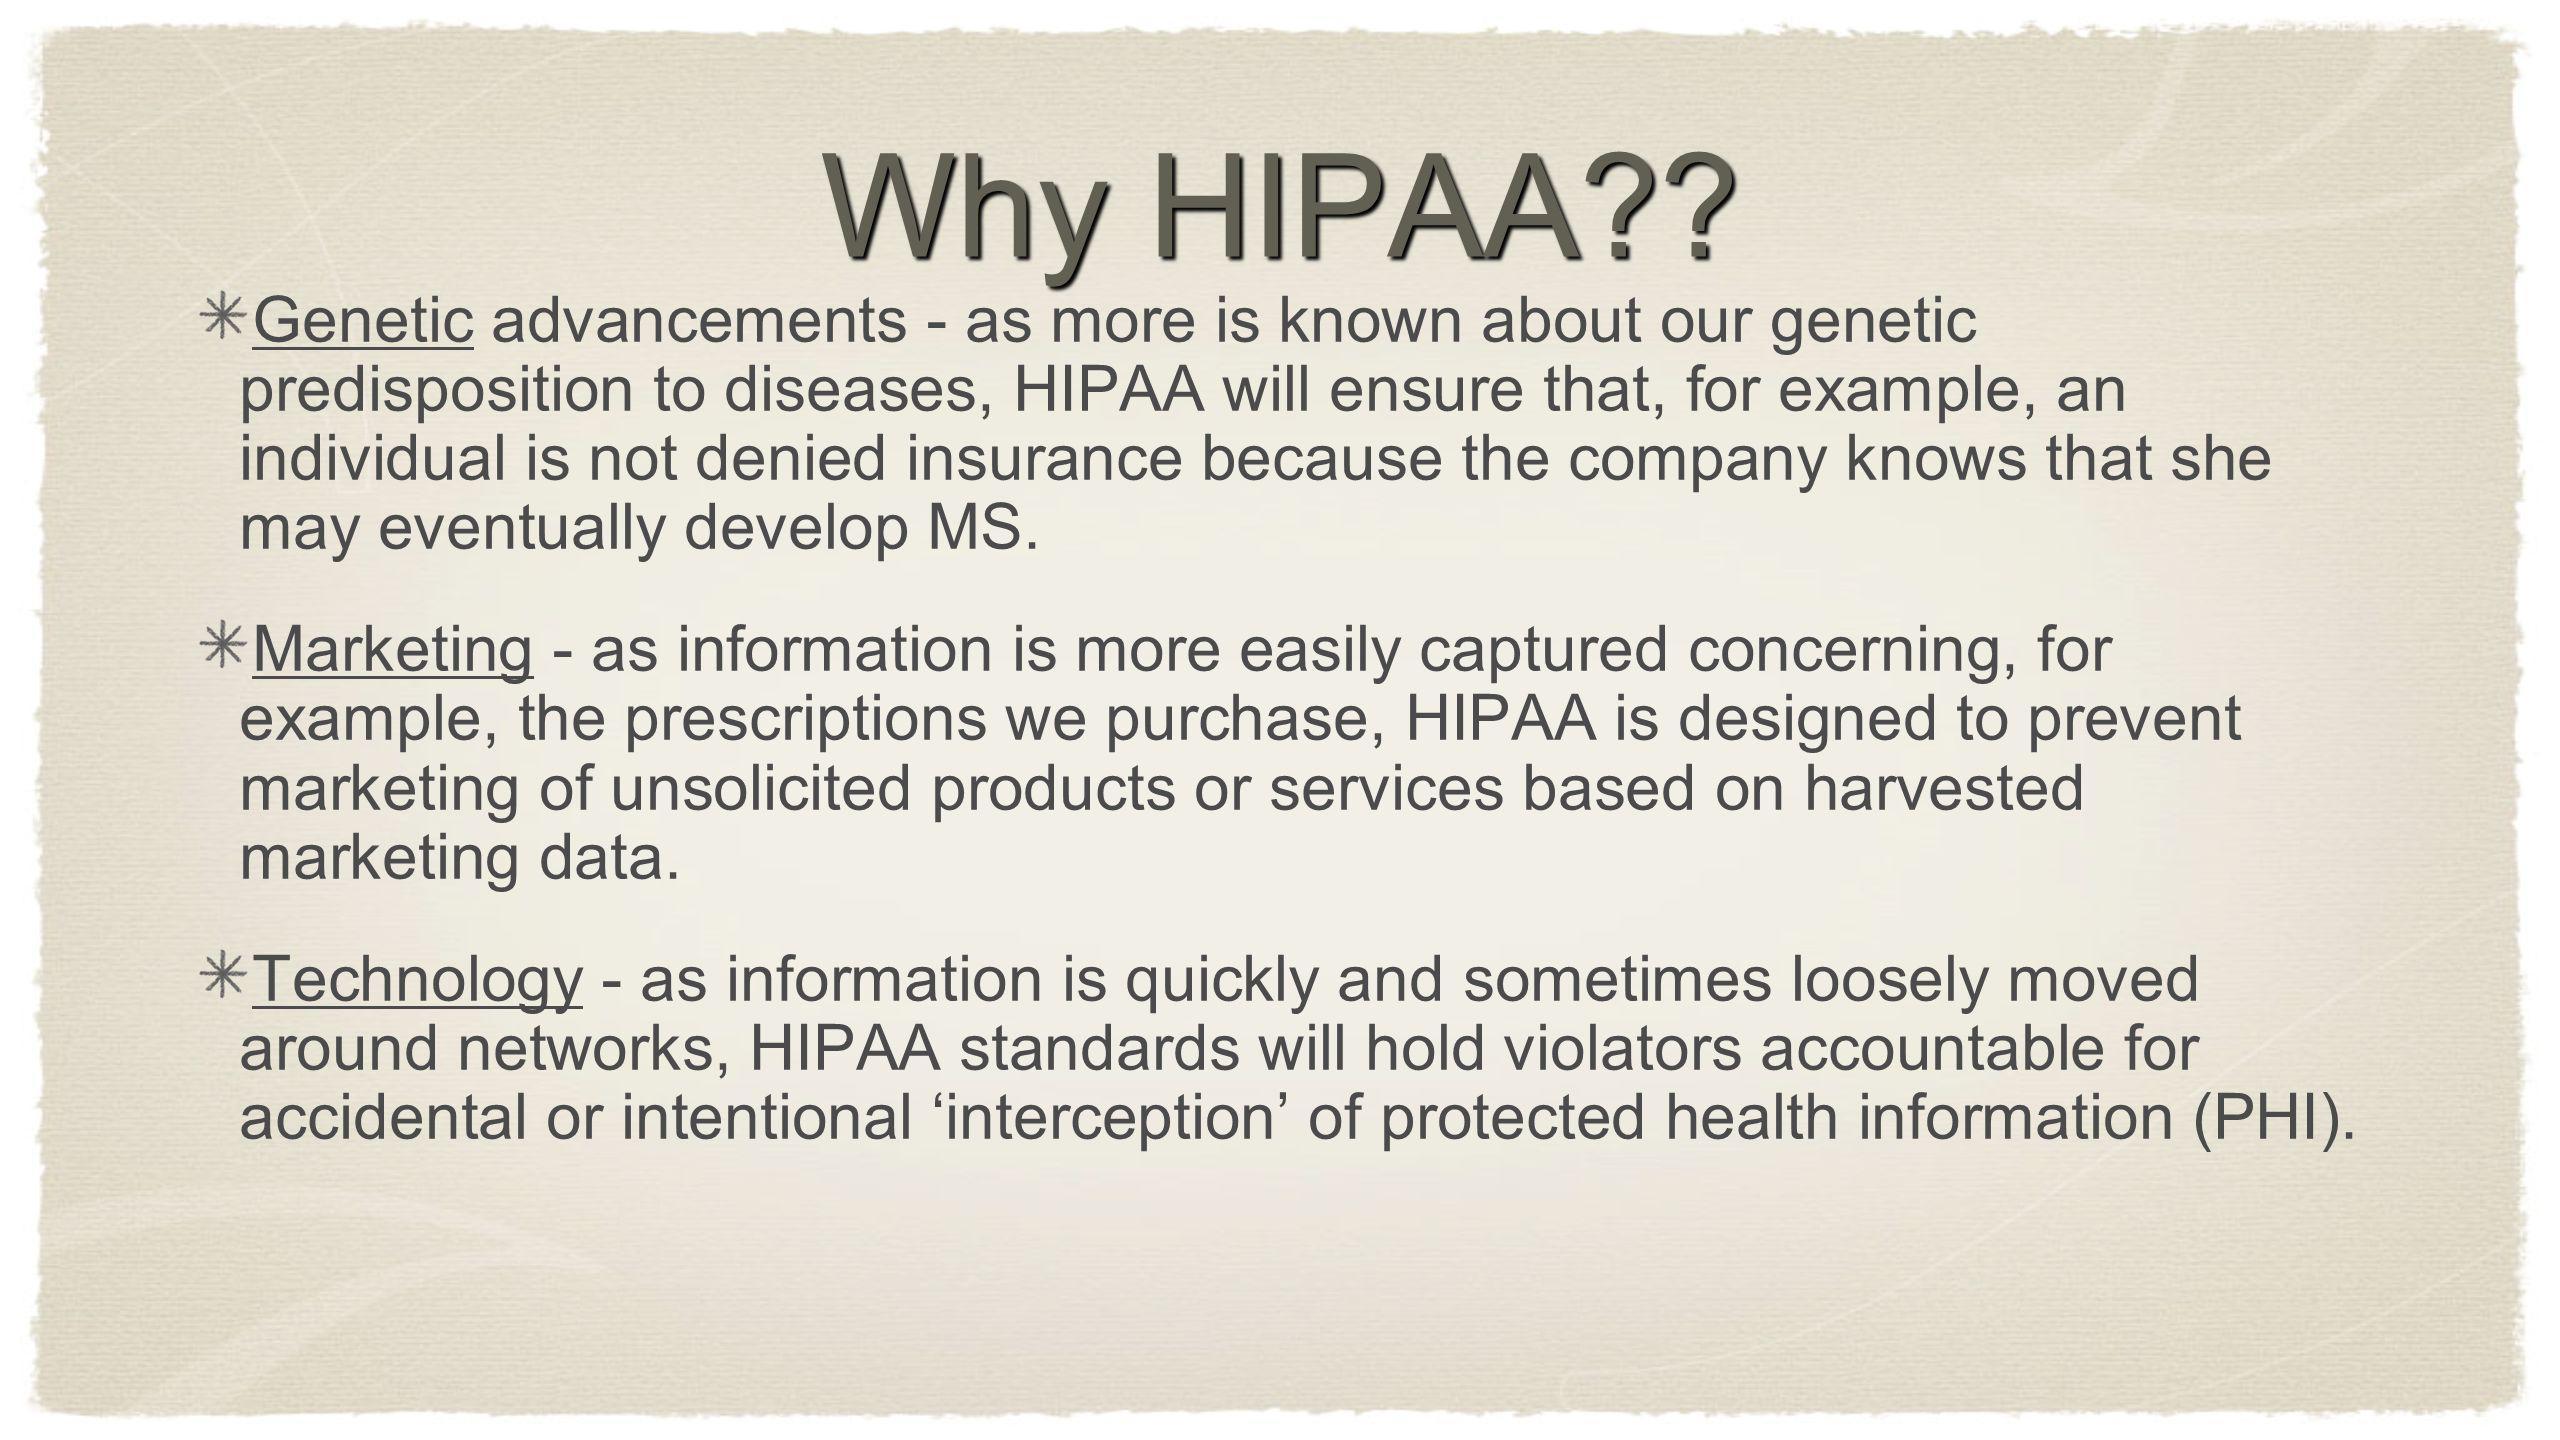 Why HIPAA